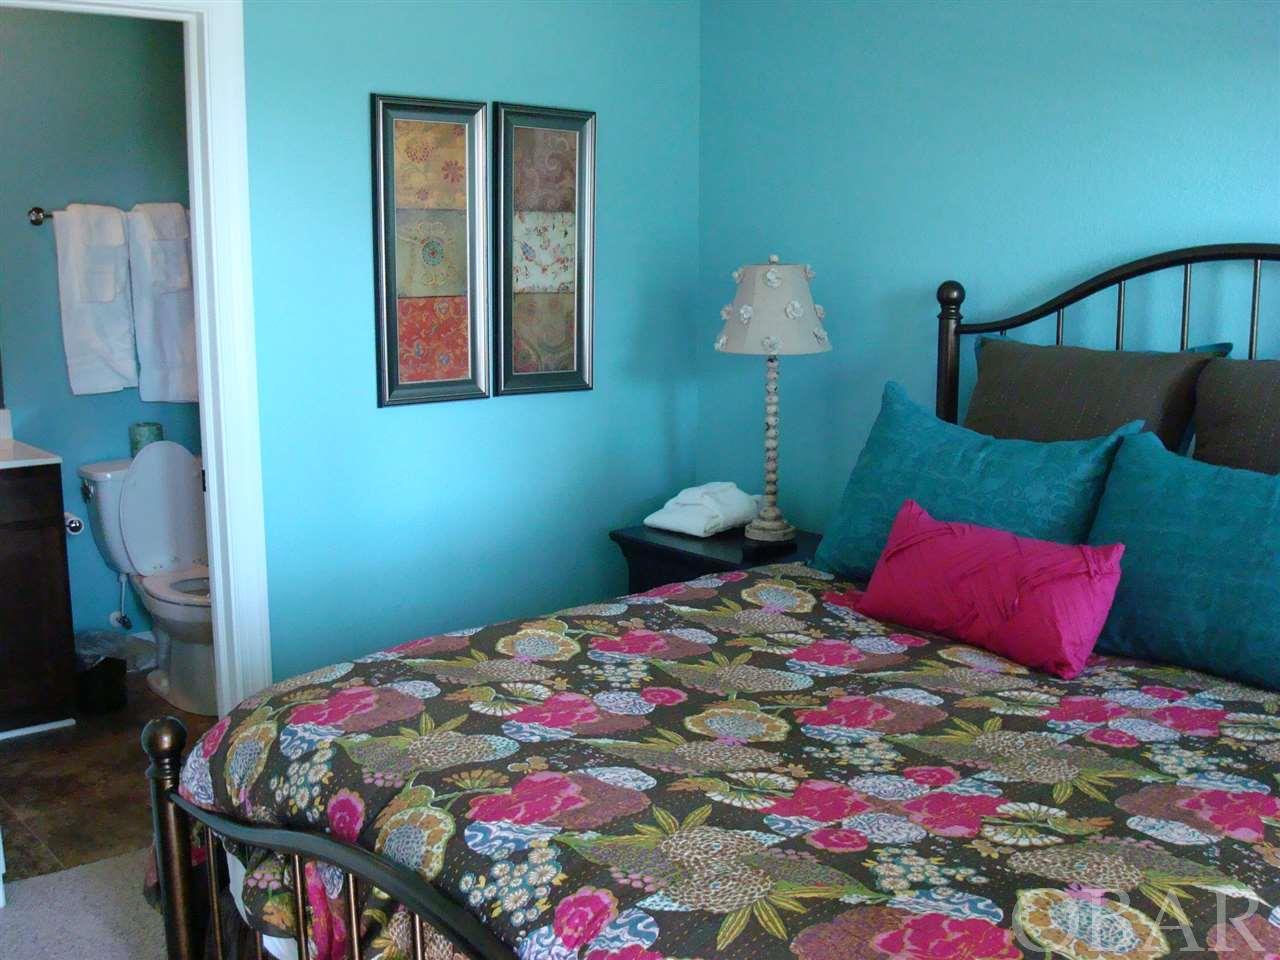 1111-G Cambridge Road,Kill Devil Hills,NC 27948,2 Bedrooms Bedrooms,2 BathroomsBathrooms,Residential,Cambridge Road,92931